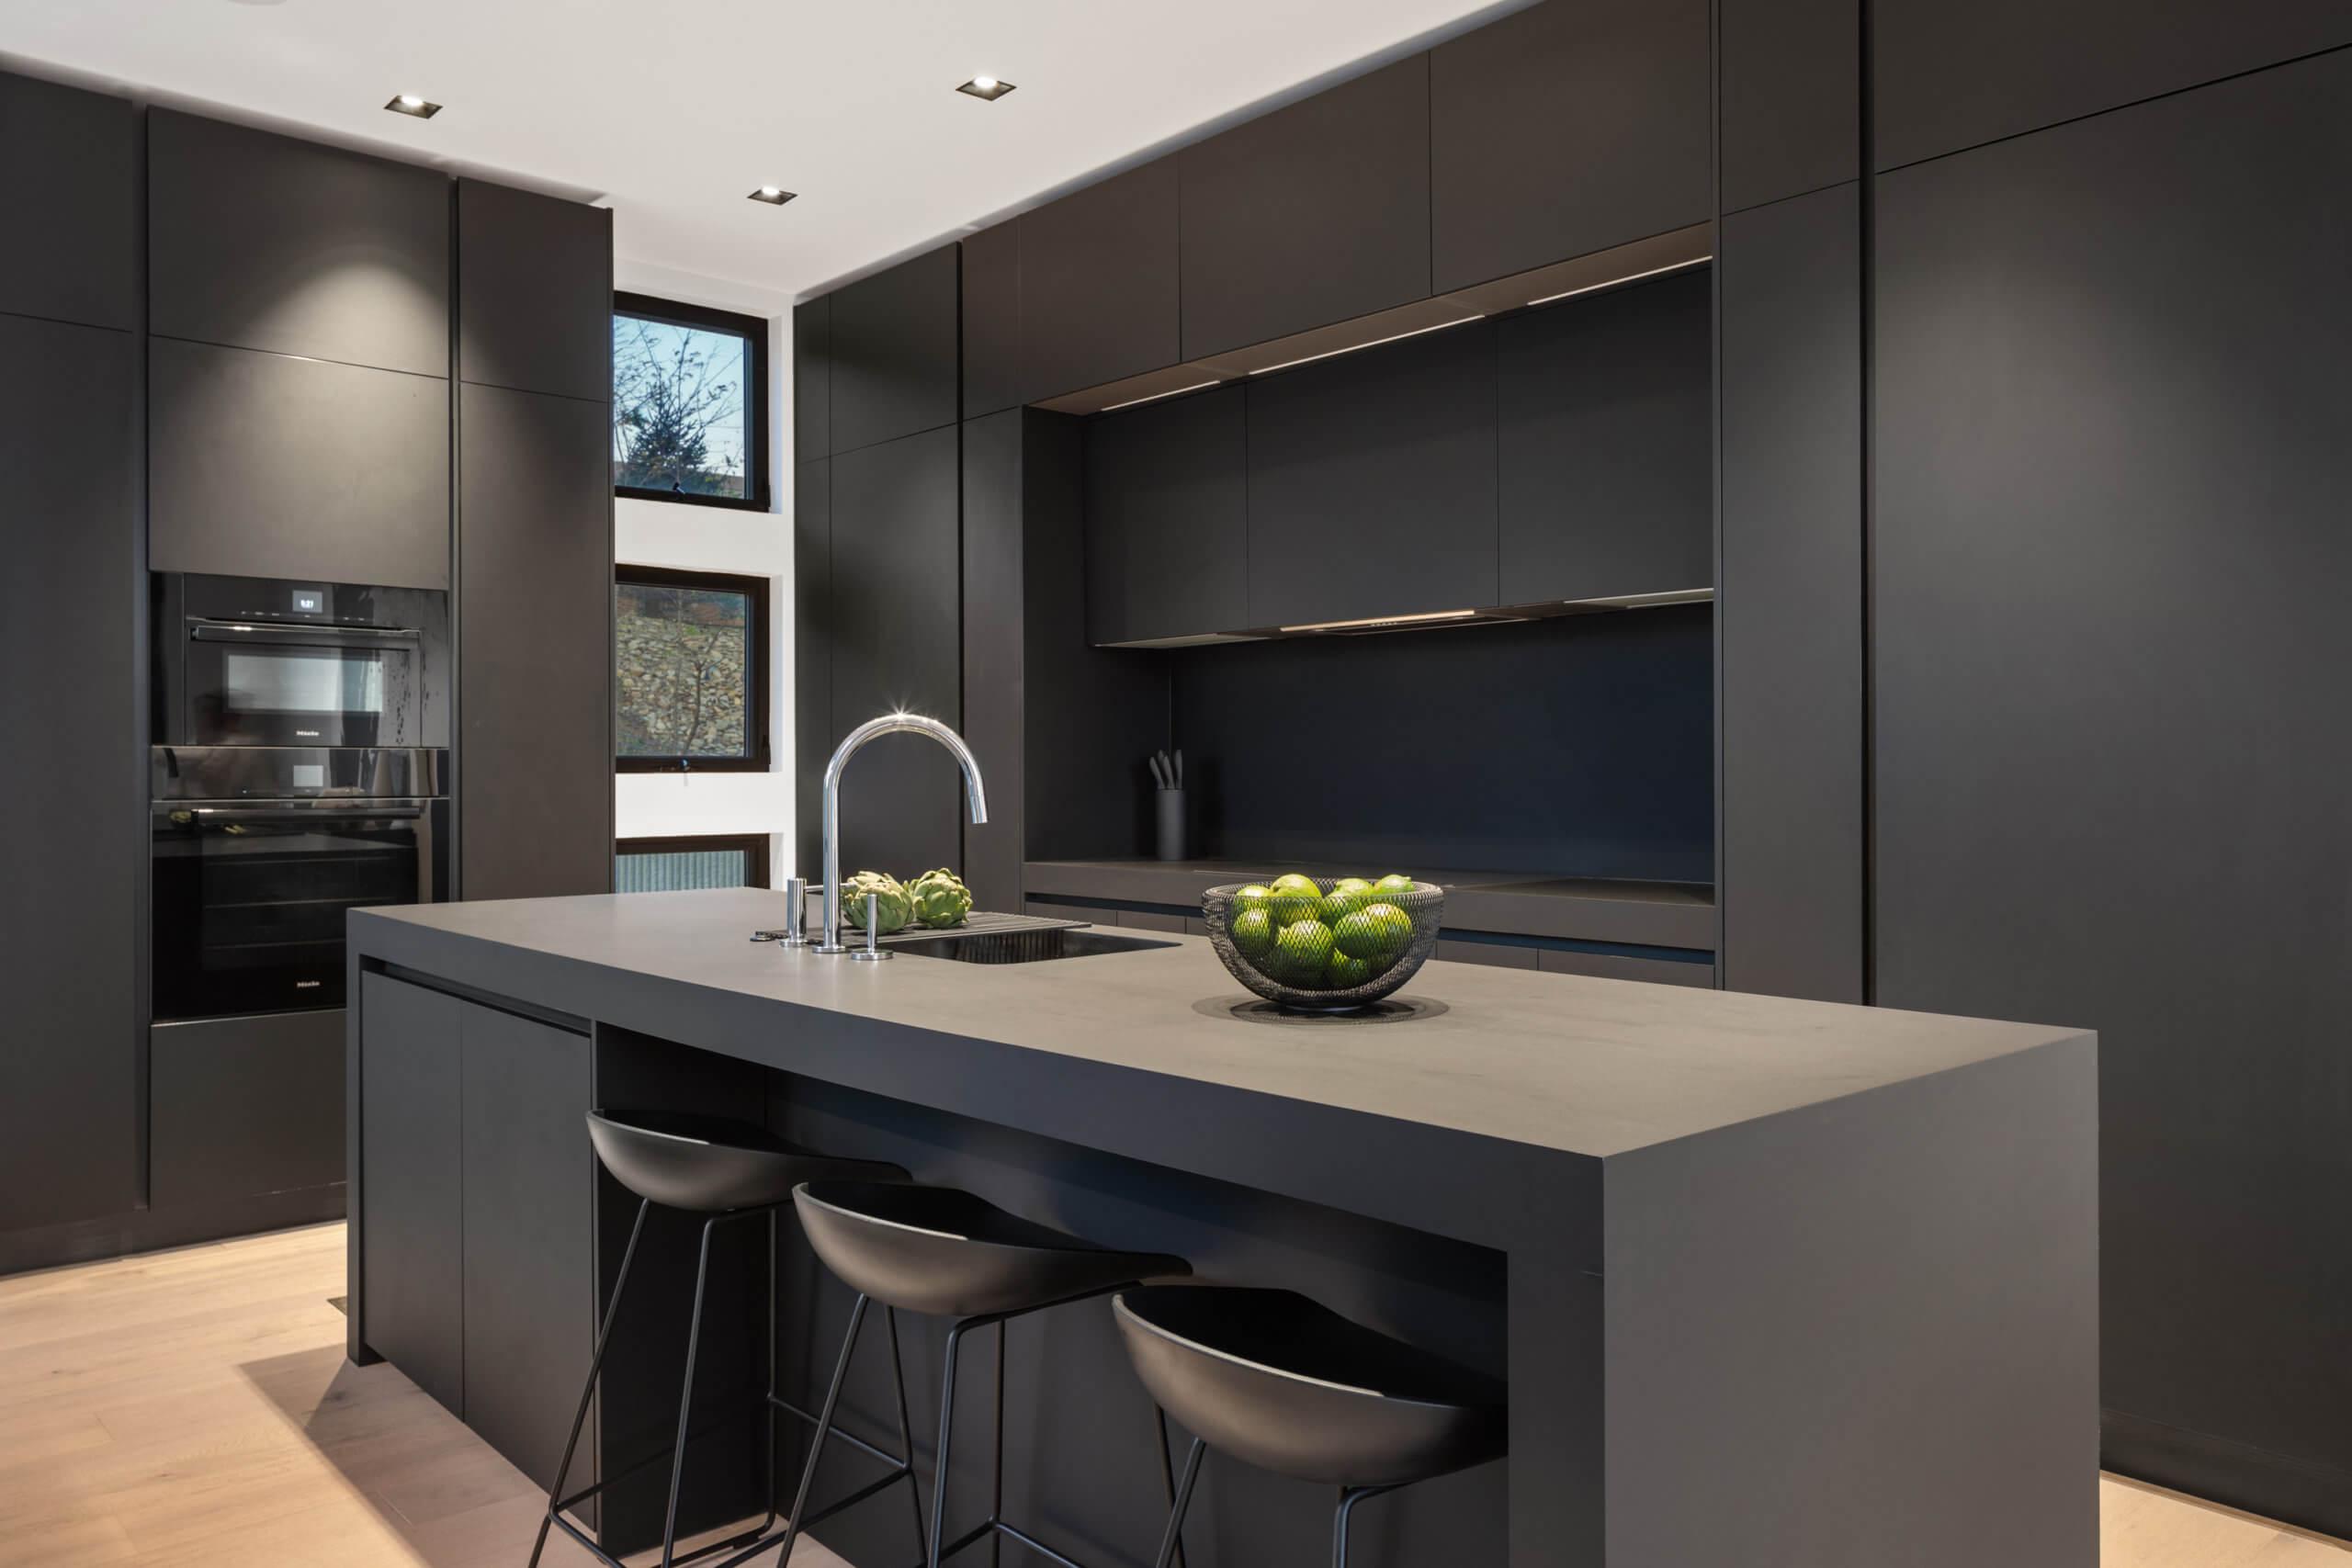 Custom European Kitchen Design in Cincinnati by Interior Designer RM Interiors